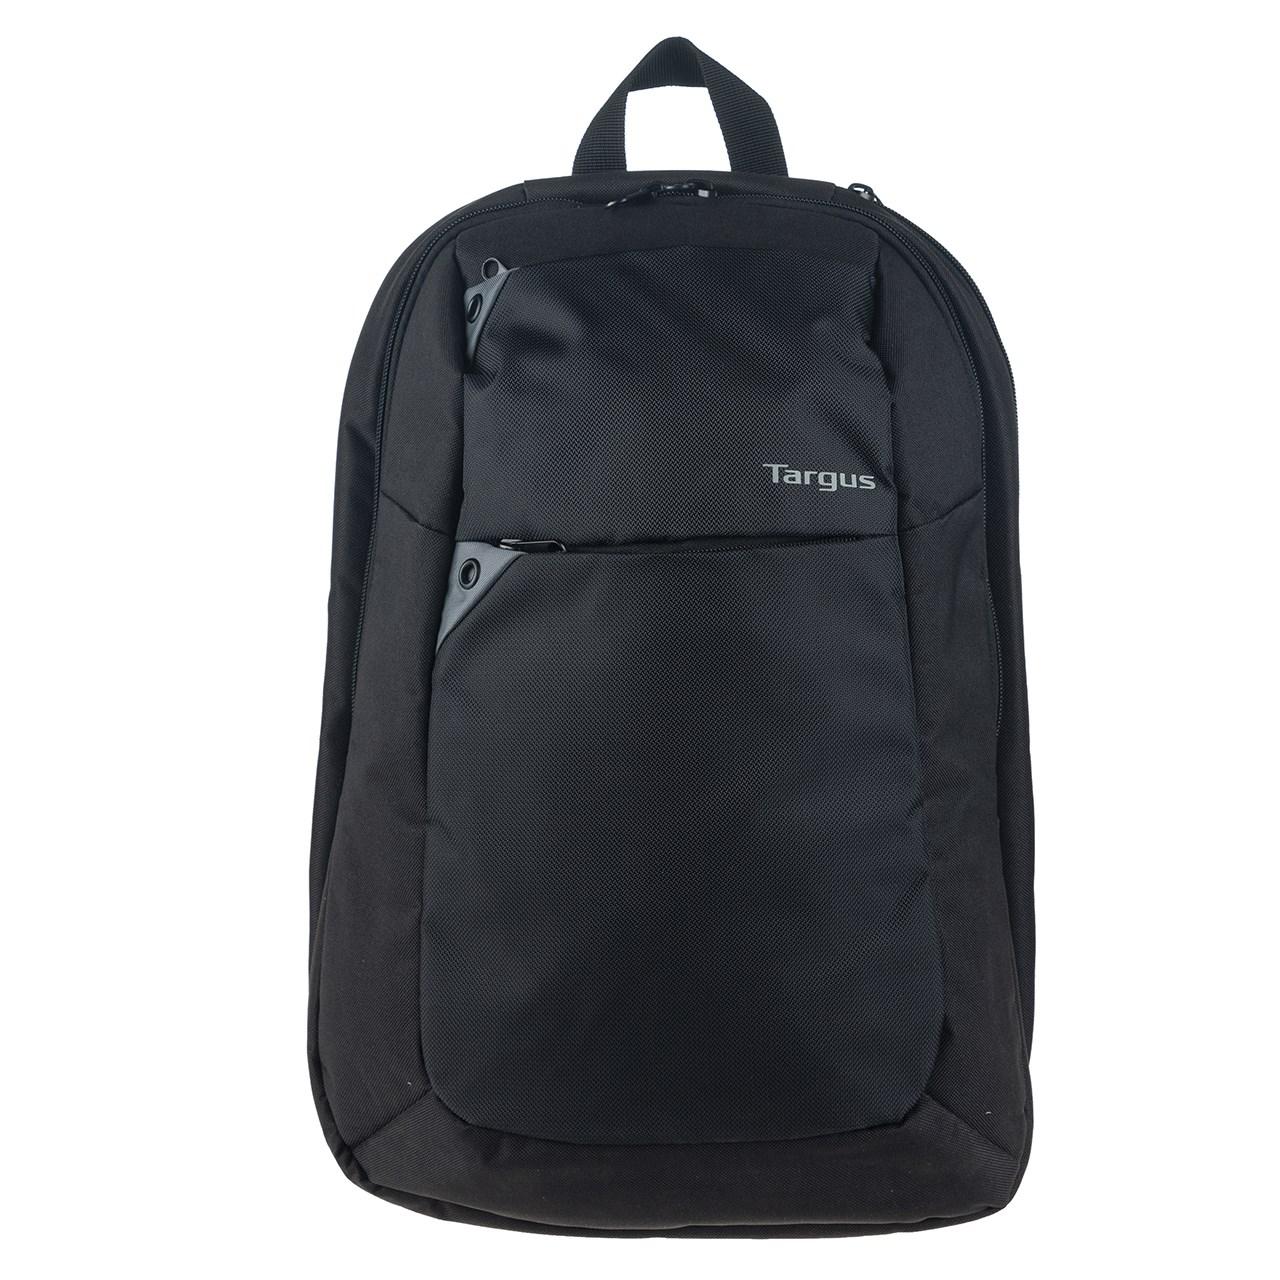 کوله پشتی لپ تاپ تارگوس مدل TBB565 مناسب برای لپ تاپ 15.6 اینچی